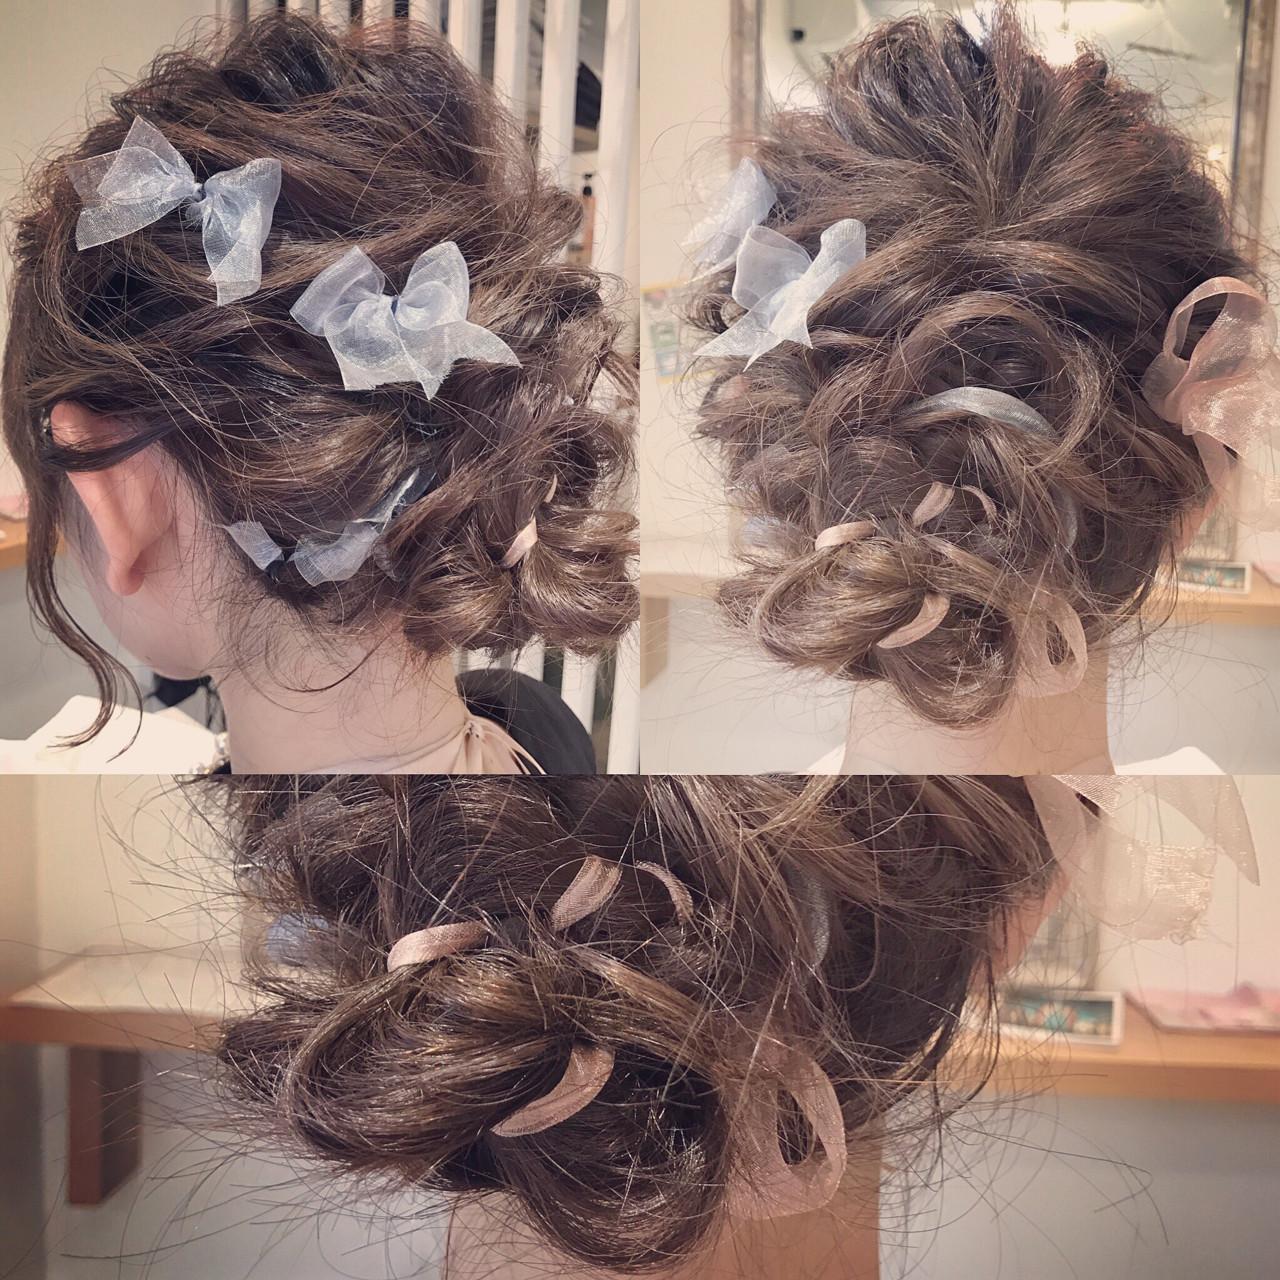 セミロング 結婚式 簡単ヘアアレンジ ヘアアレンジ ヘアスタイルや髪型の写真・画像